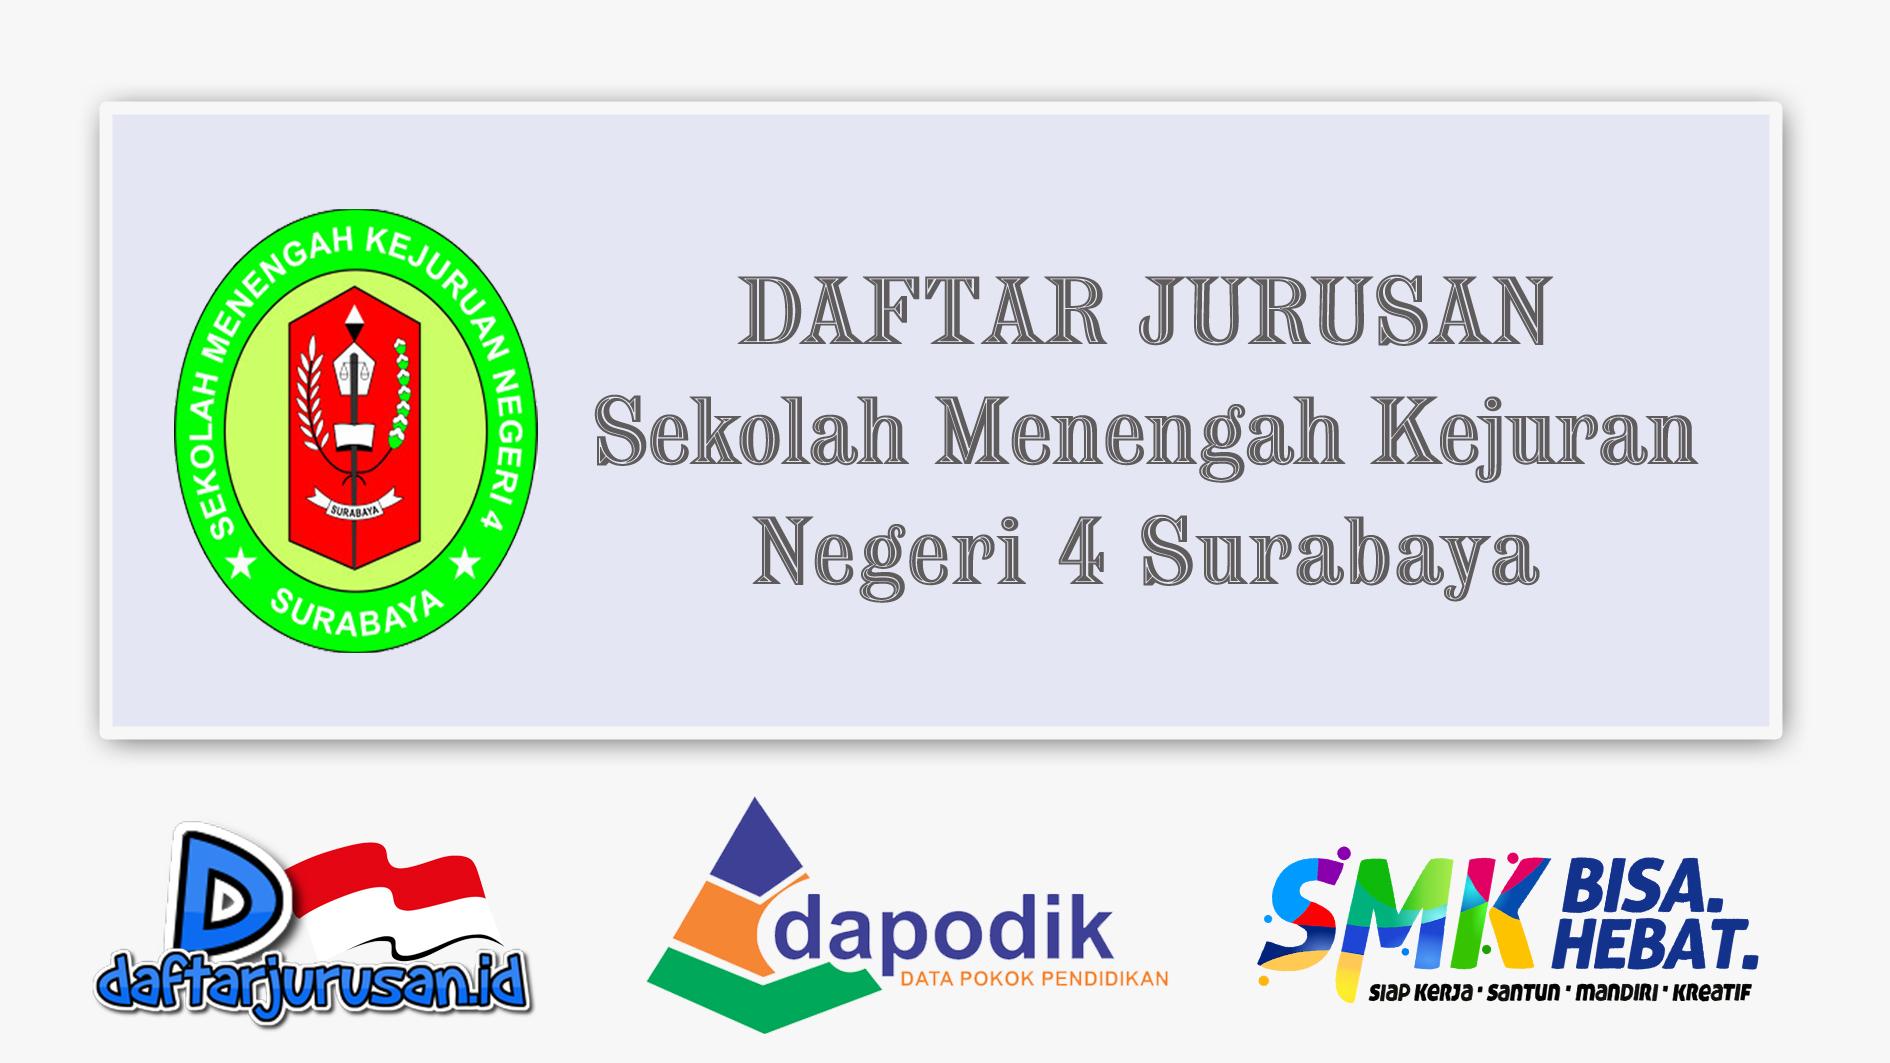 Daftar Jurusan SMK Negeri 4 Surabaya